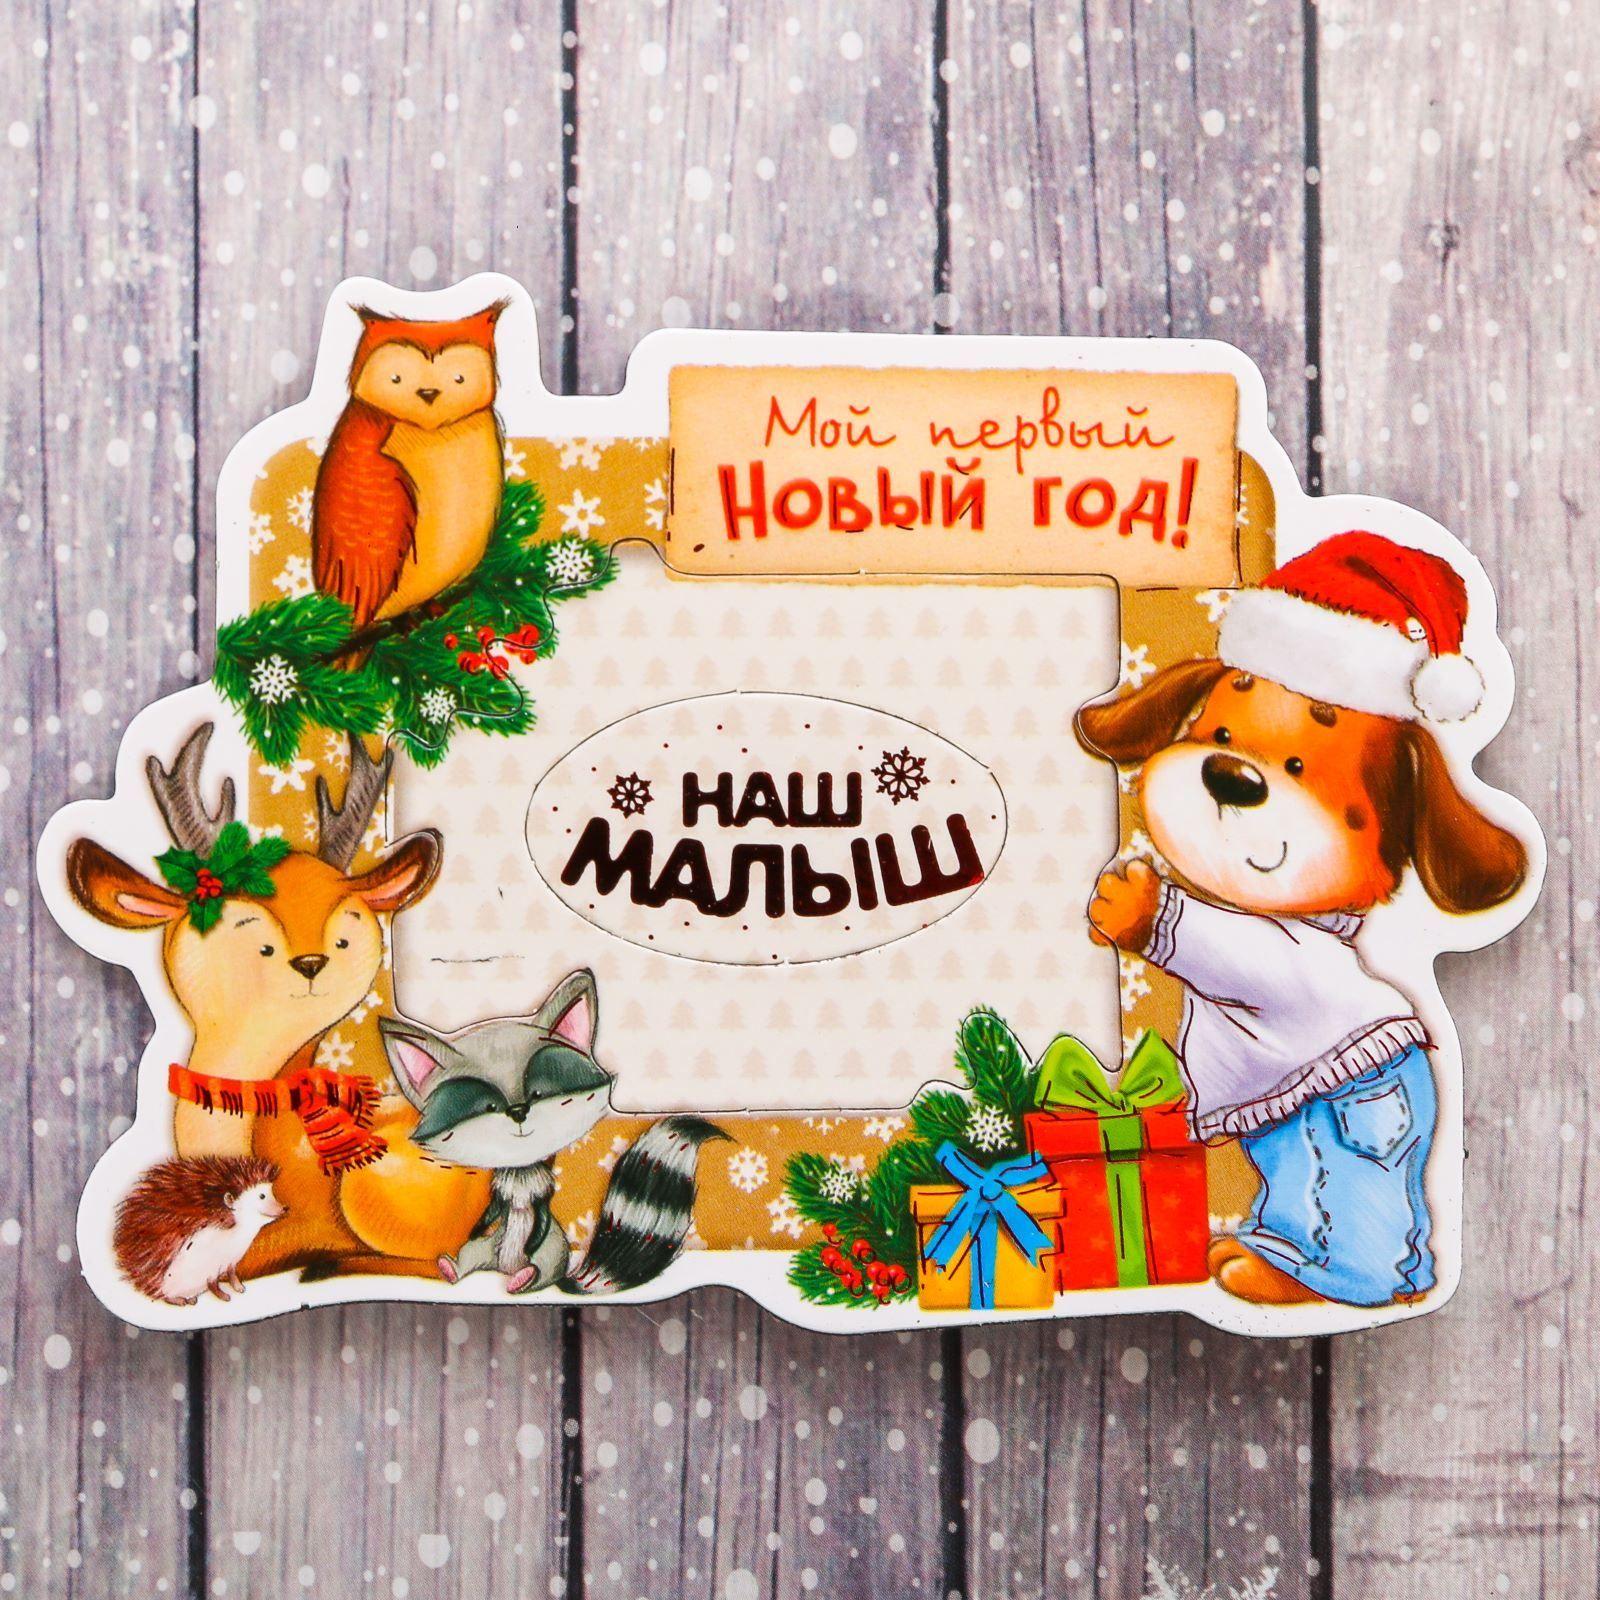 Магнит-фоторамка Sima-land Мой первый Новый год!, 10,5 х 7,2 см2002873Порадуйте родных и близких оригинальным сувениром: преподнесите в подарок магнит. С ним даже самый серьёзный человек почувствует себя ребёнком, ожидающим чудо! Создайте праздничное настроение, и оно останется с вами на весь год.